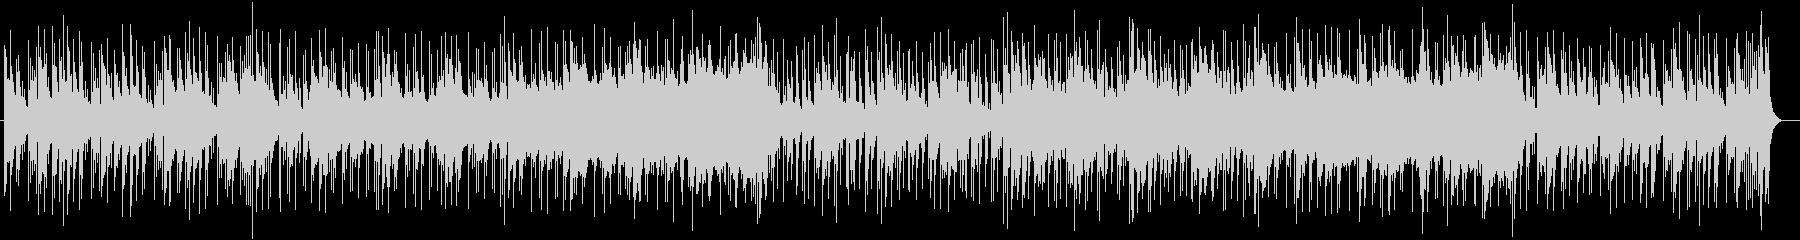 切なくゆったりしたシンセサイザーサウンドの未再生の波形